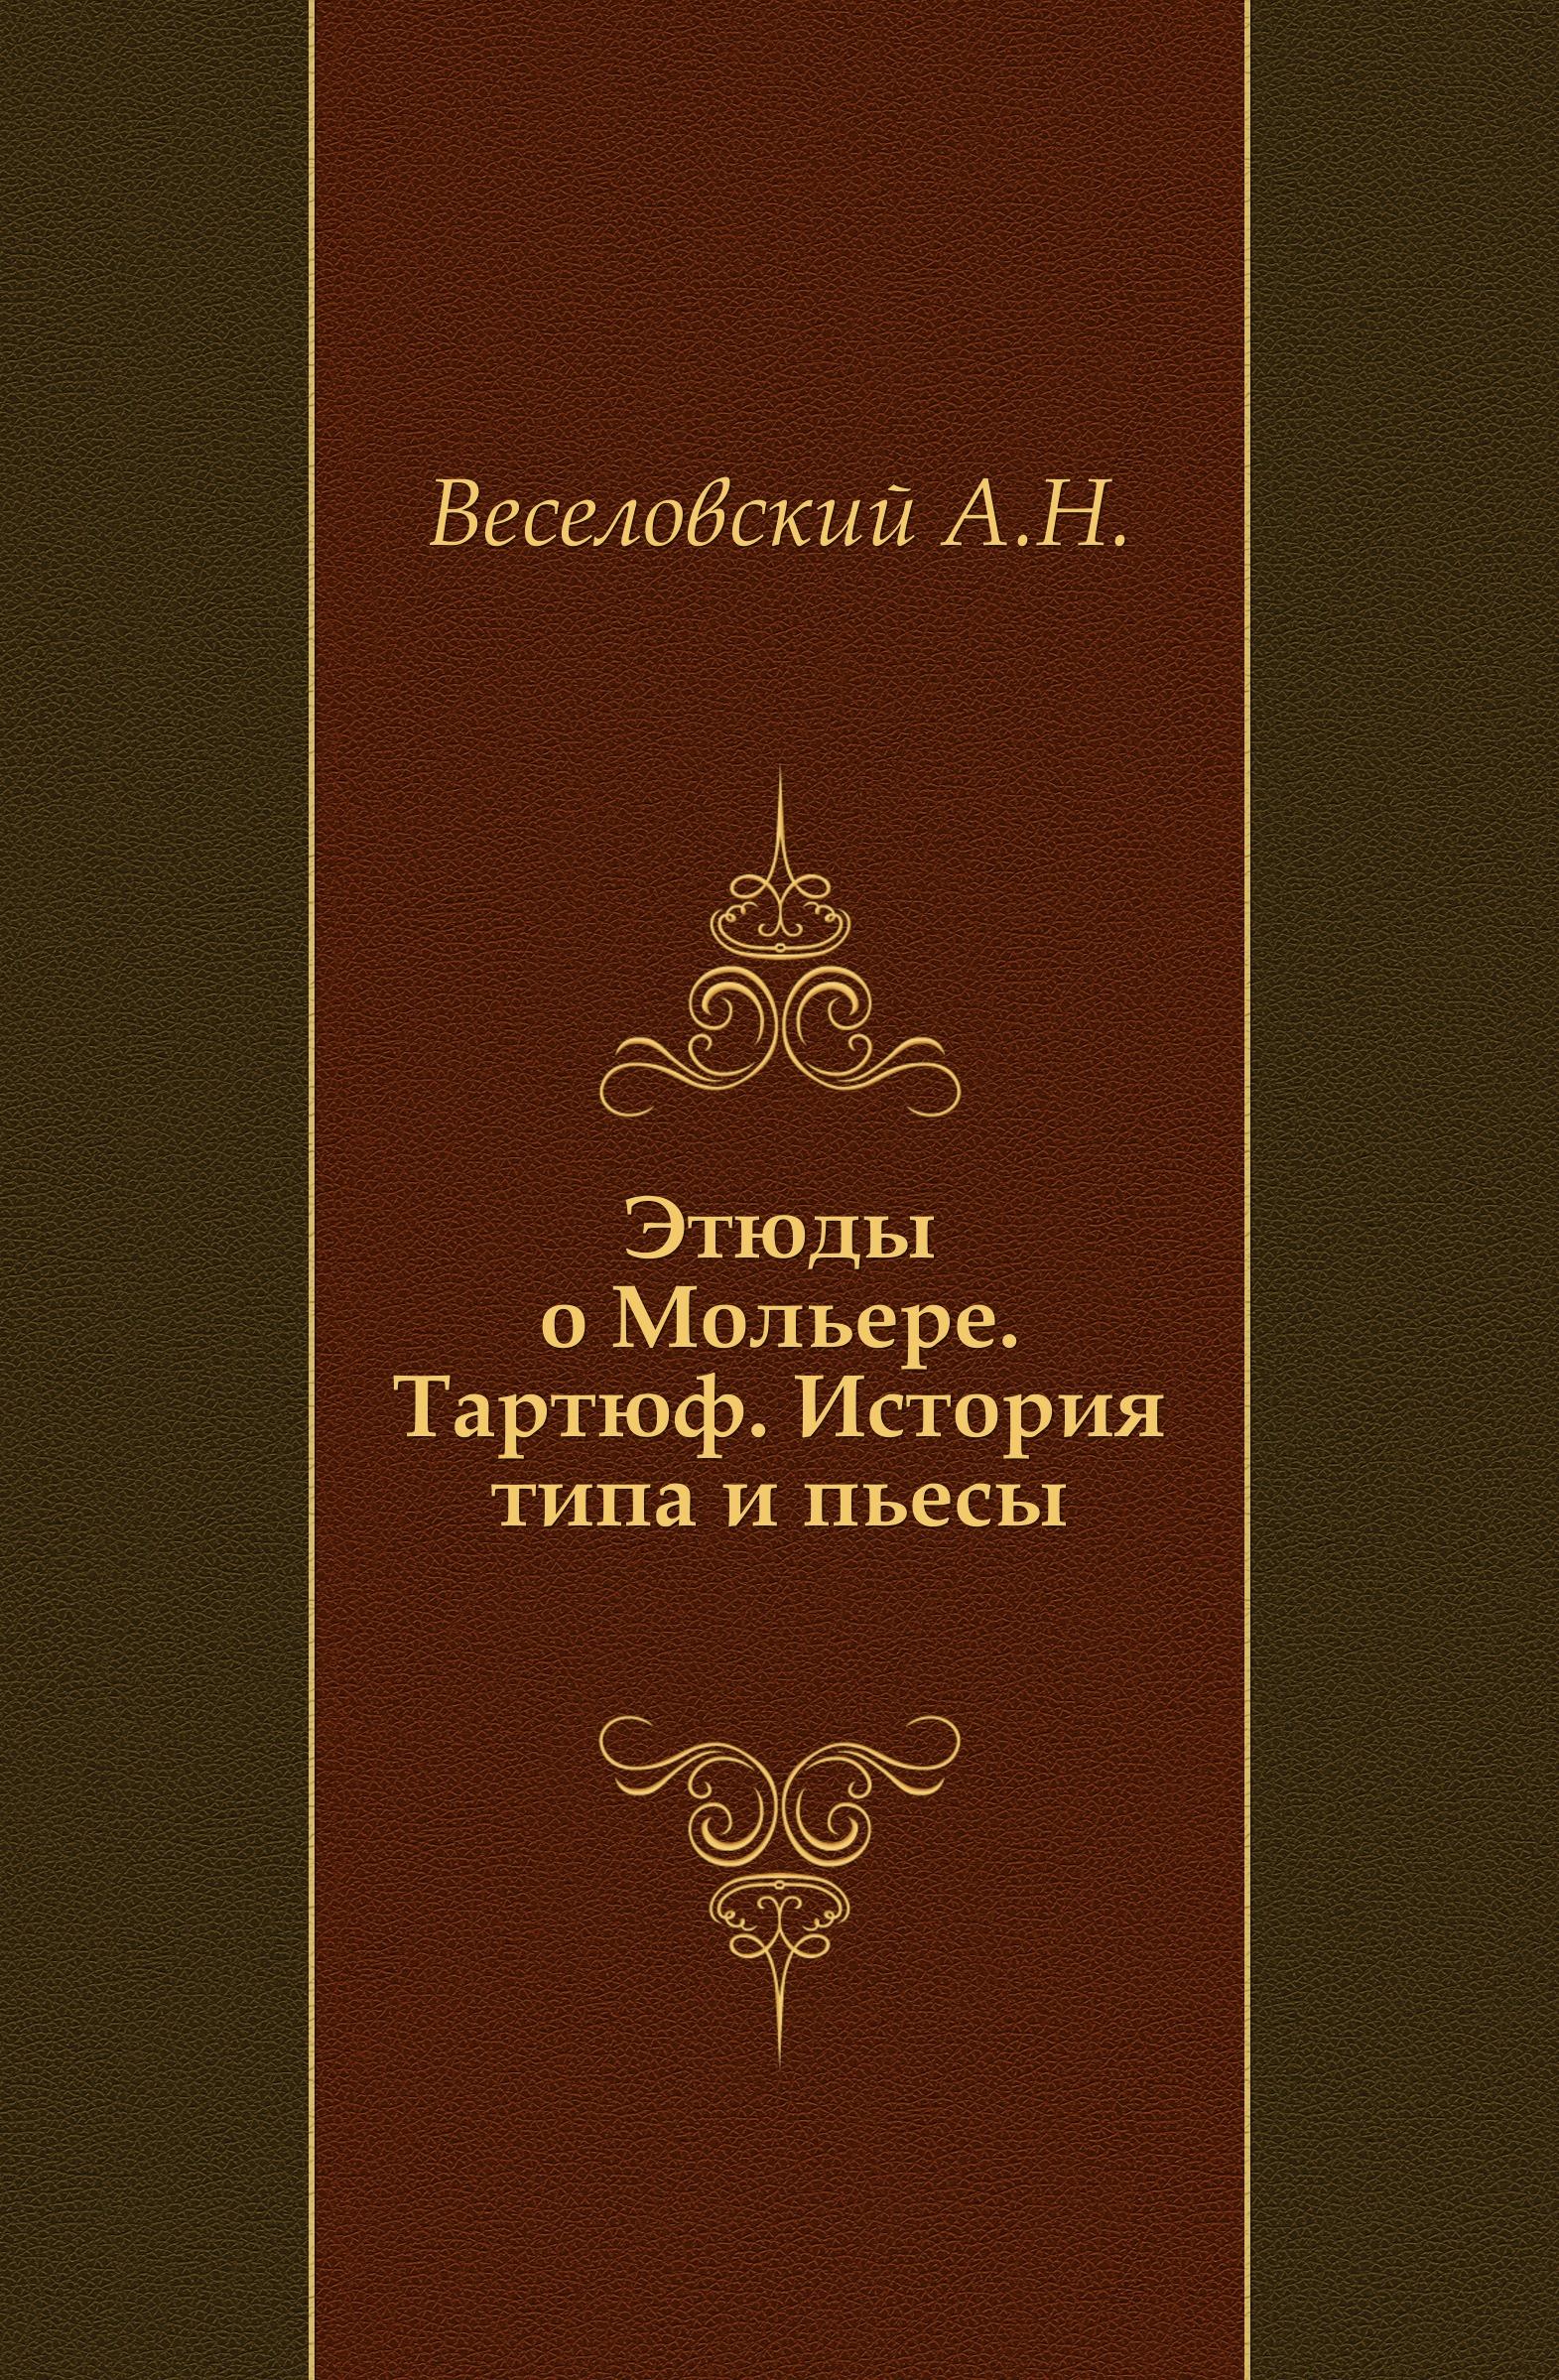 Этюды о Мольере. Тартюф. История типа и пьесы